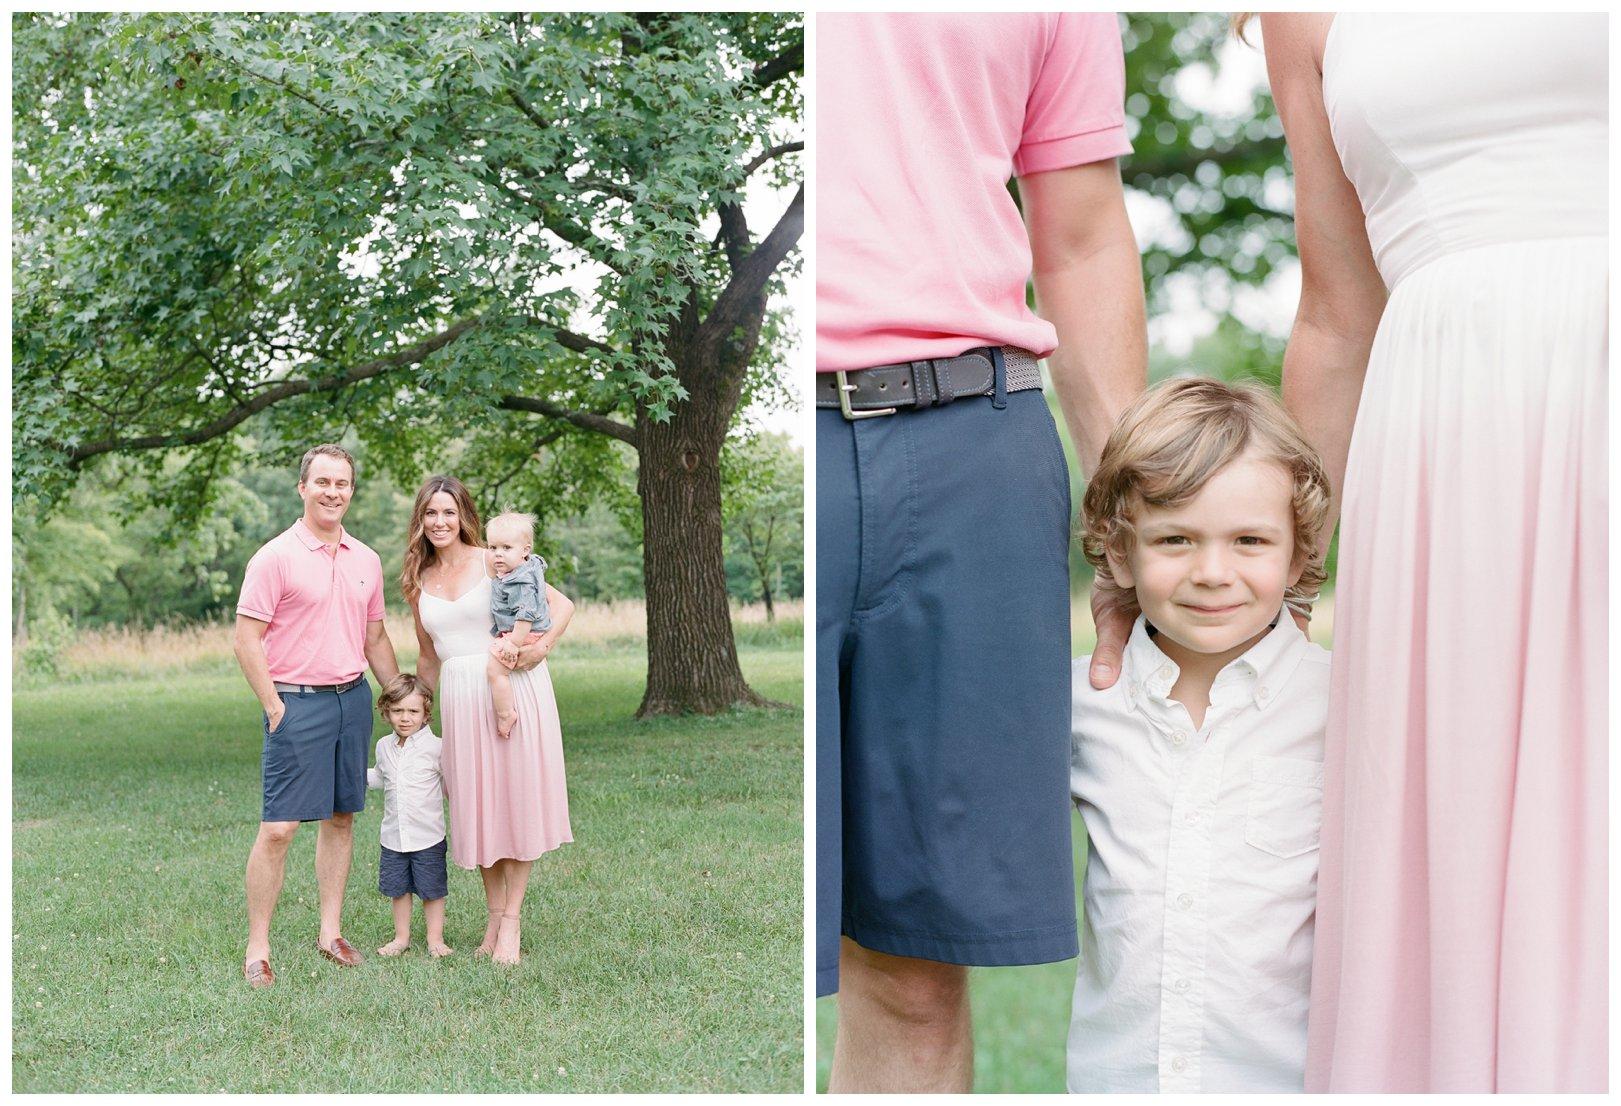 lauren muckler photography_fine art film wedding photography_st louis_photography_3417.jpg